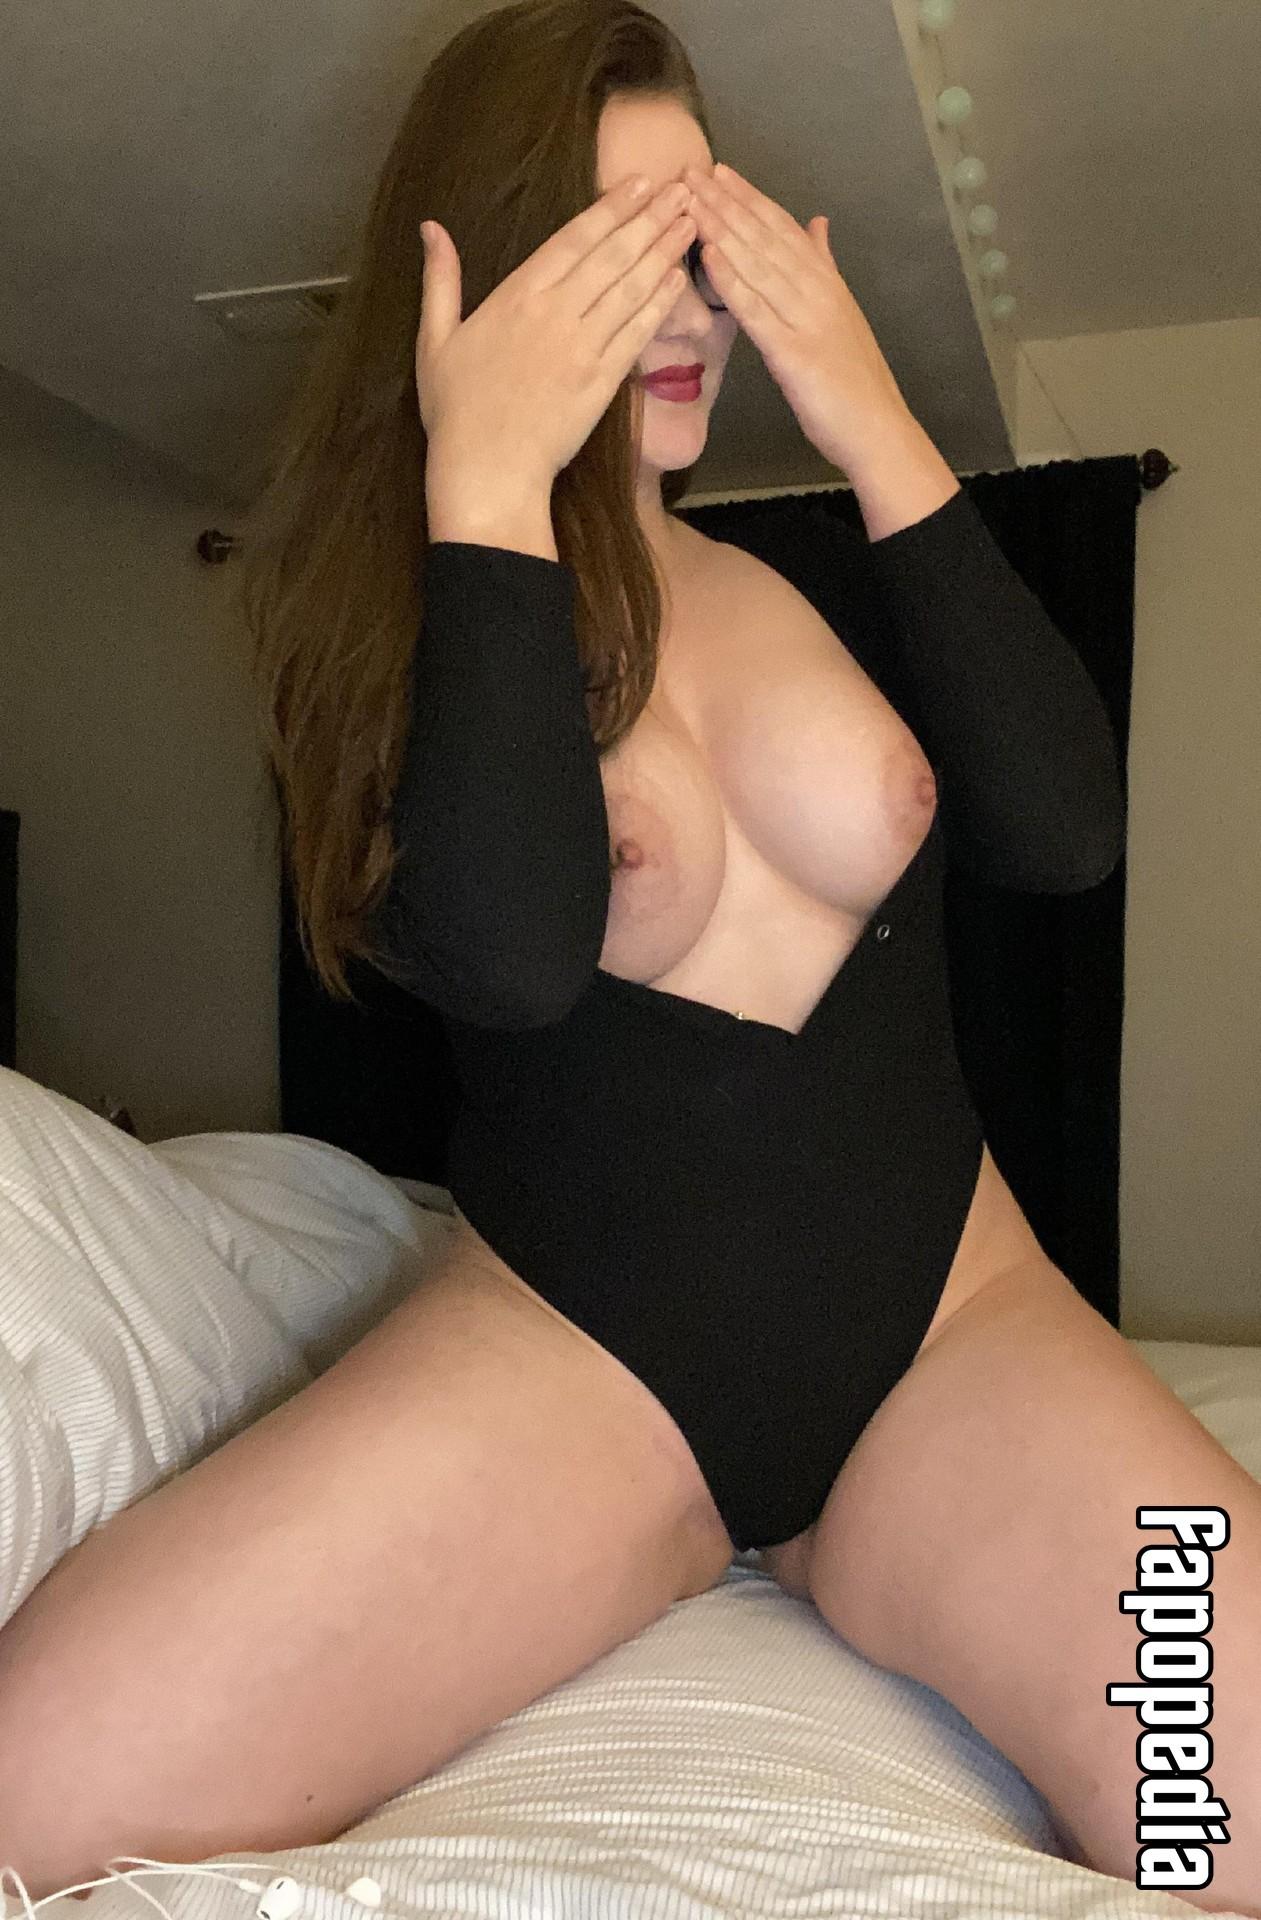 Sassygirlspankypants Nude Leaks